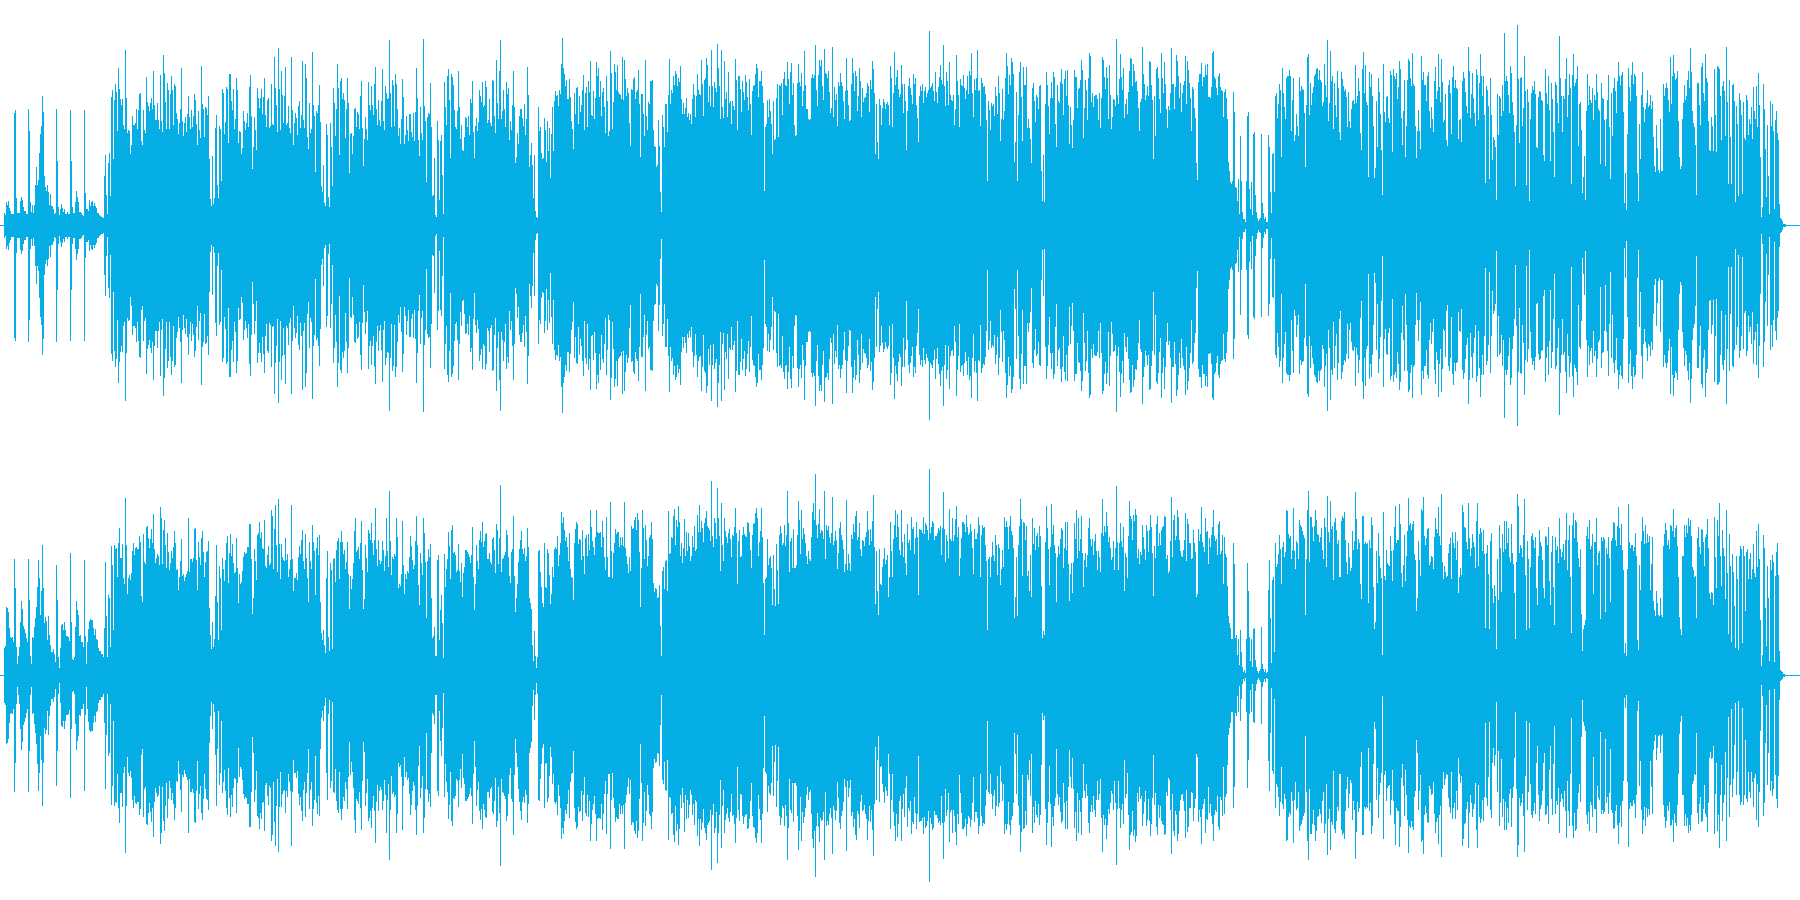 スローなジャズヒップホップの再生済みの波形